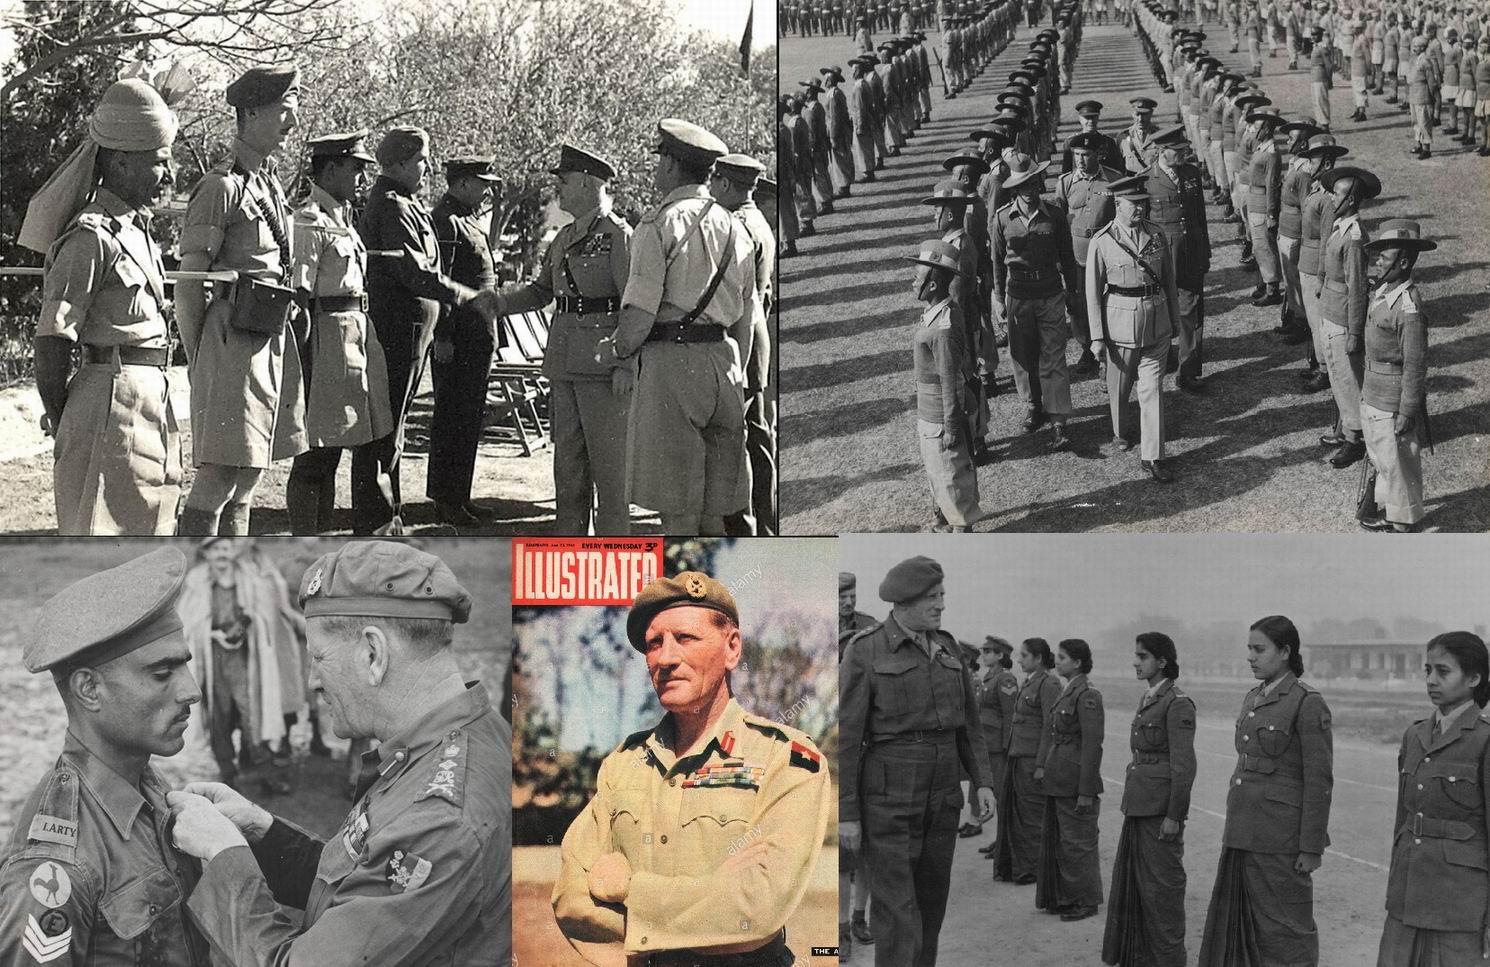 Упоминаемые в этой главе люди знамениты и не нуждаются в особых представлениях, поэтому подобраны фотографии, относящиеся непосредственно к Индии. Вверху - сэр Арчибальд Уэйвелл в 1945г., внизу - сэр Клод Окинлек в 1945-47гг.